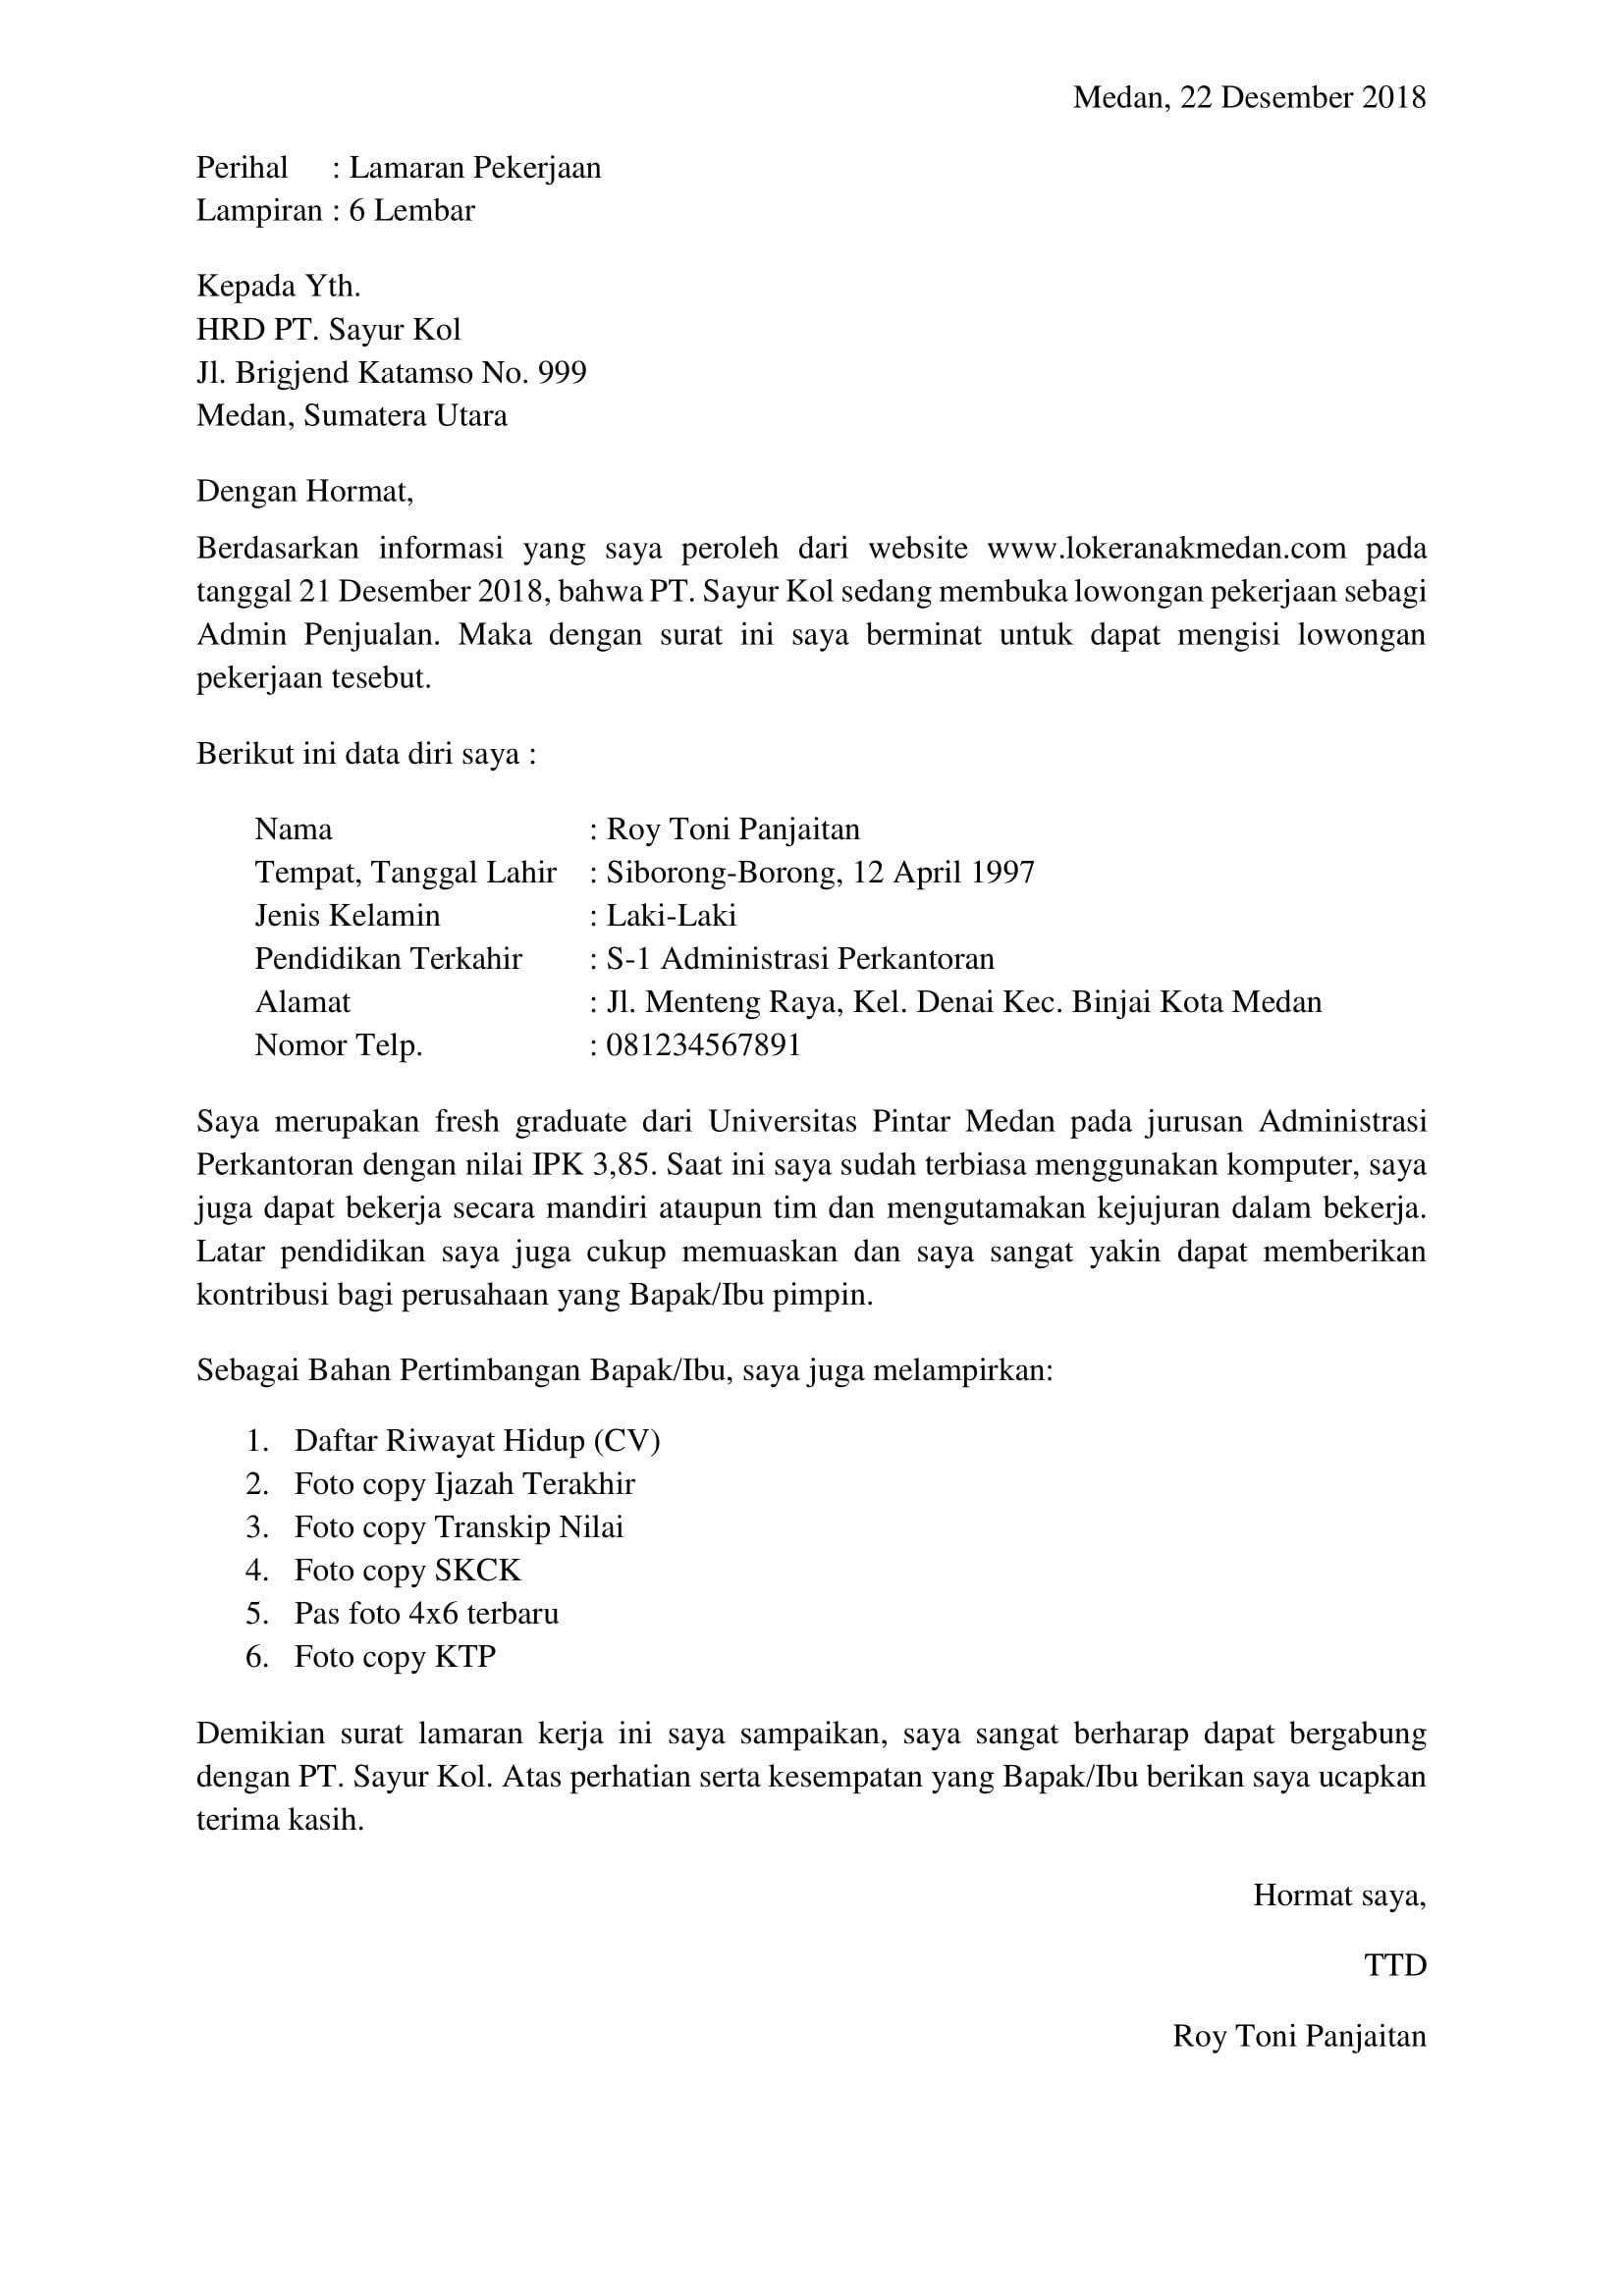 Surat Lamaran Kerja Fresh Graduate : surat, lamaran, kerja, fresh, graduate, Membuat, Surat, Lamaran, Kerja, Untuk, Lulusan, Fresh, Graduate, Loker, Medan